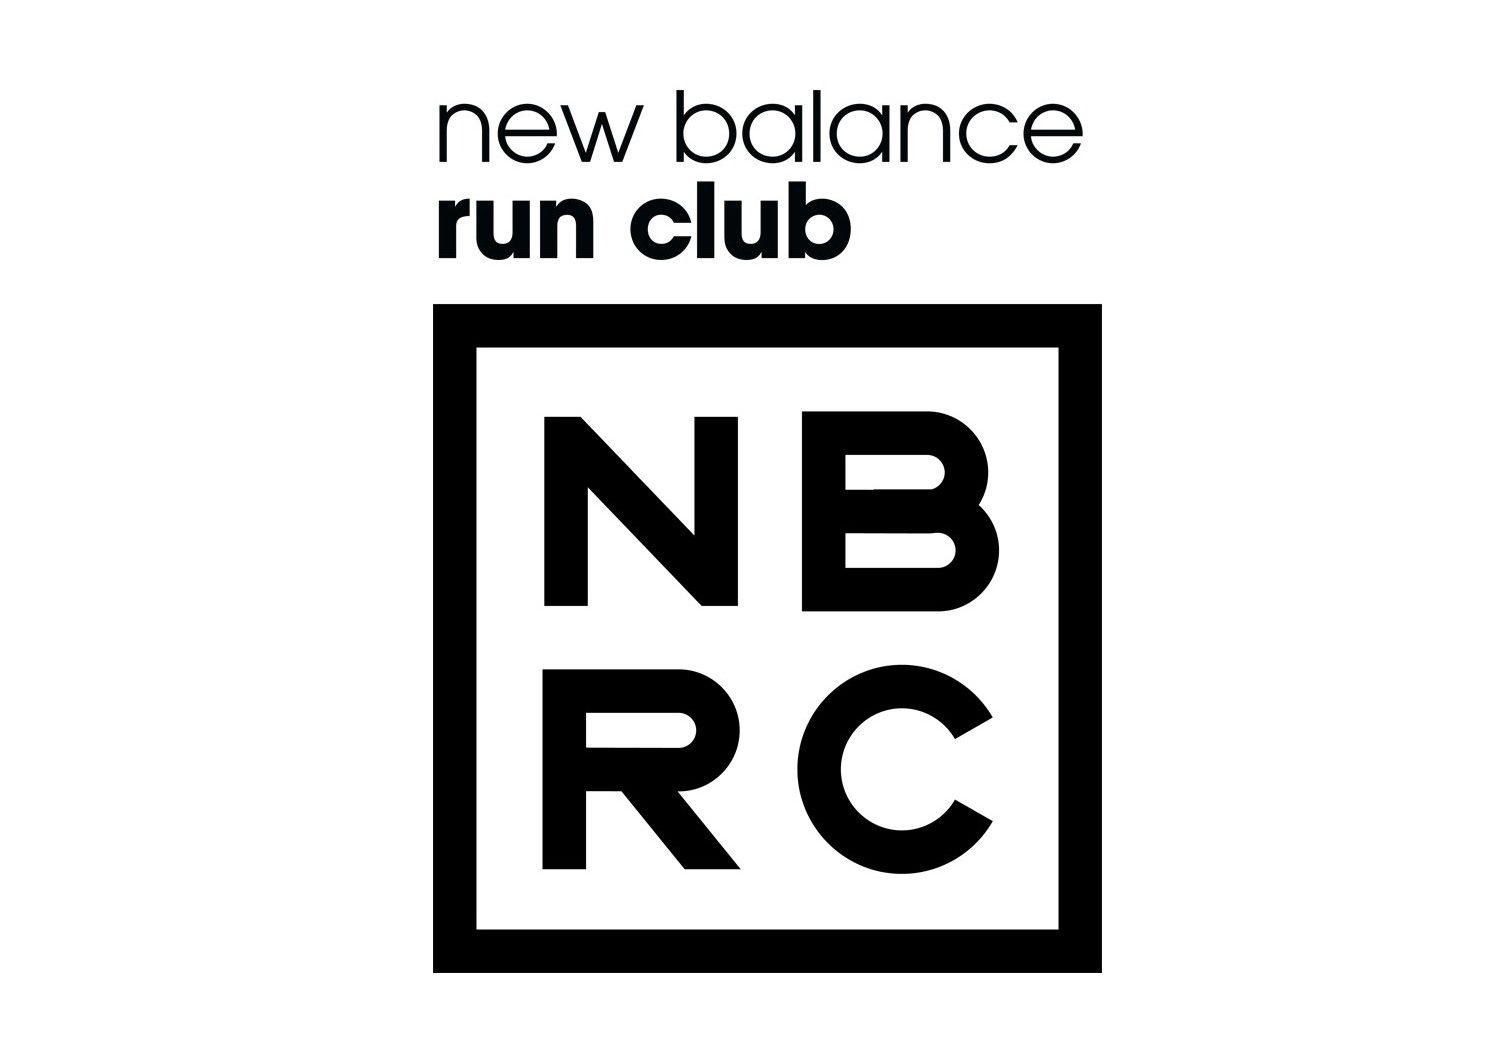 NBRC_logos-01